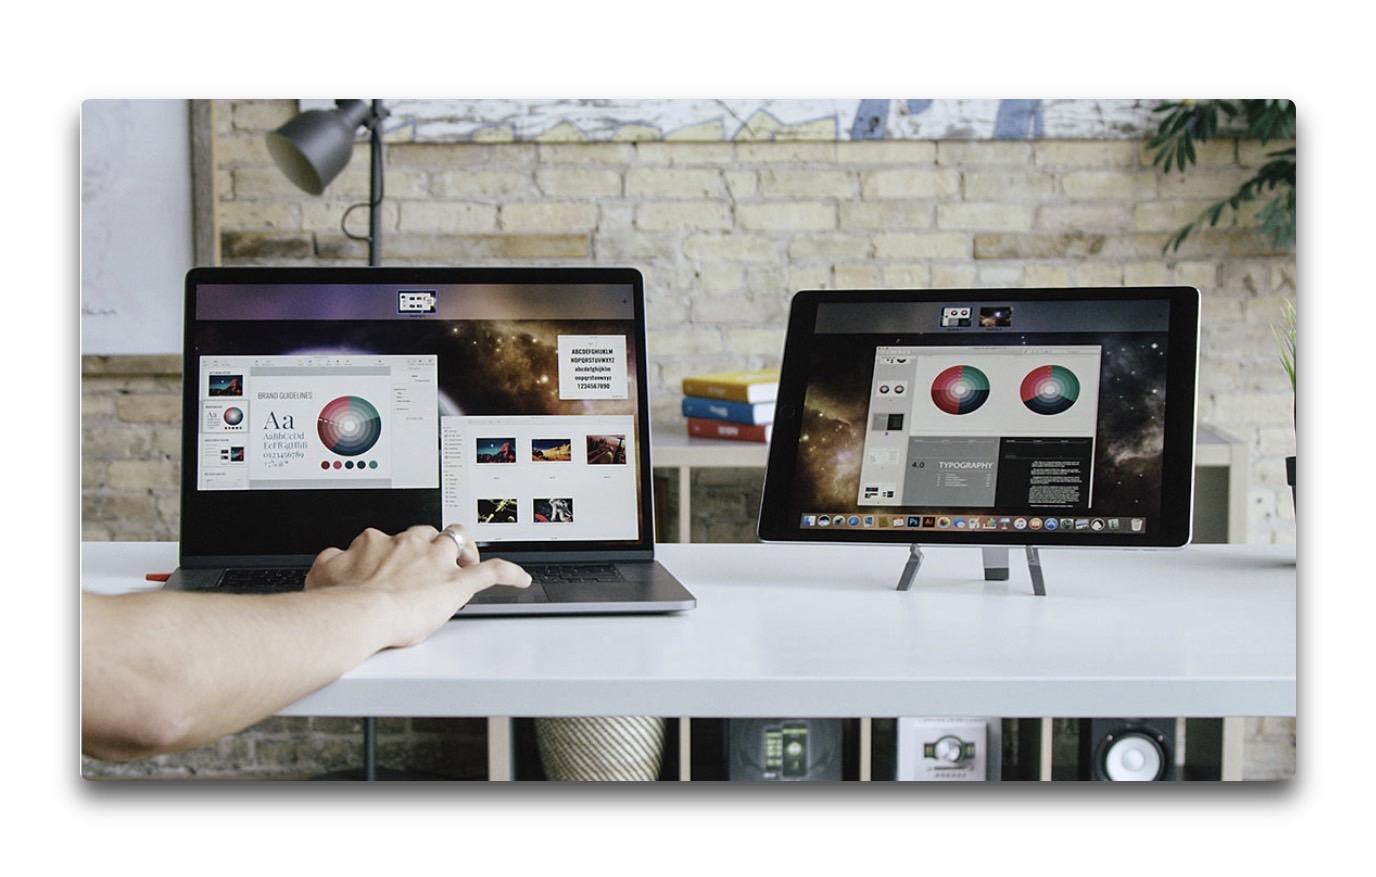 macOS 10.15では、ユーザーはiPadを外部ディスプレイとして使用できる